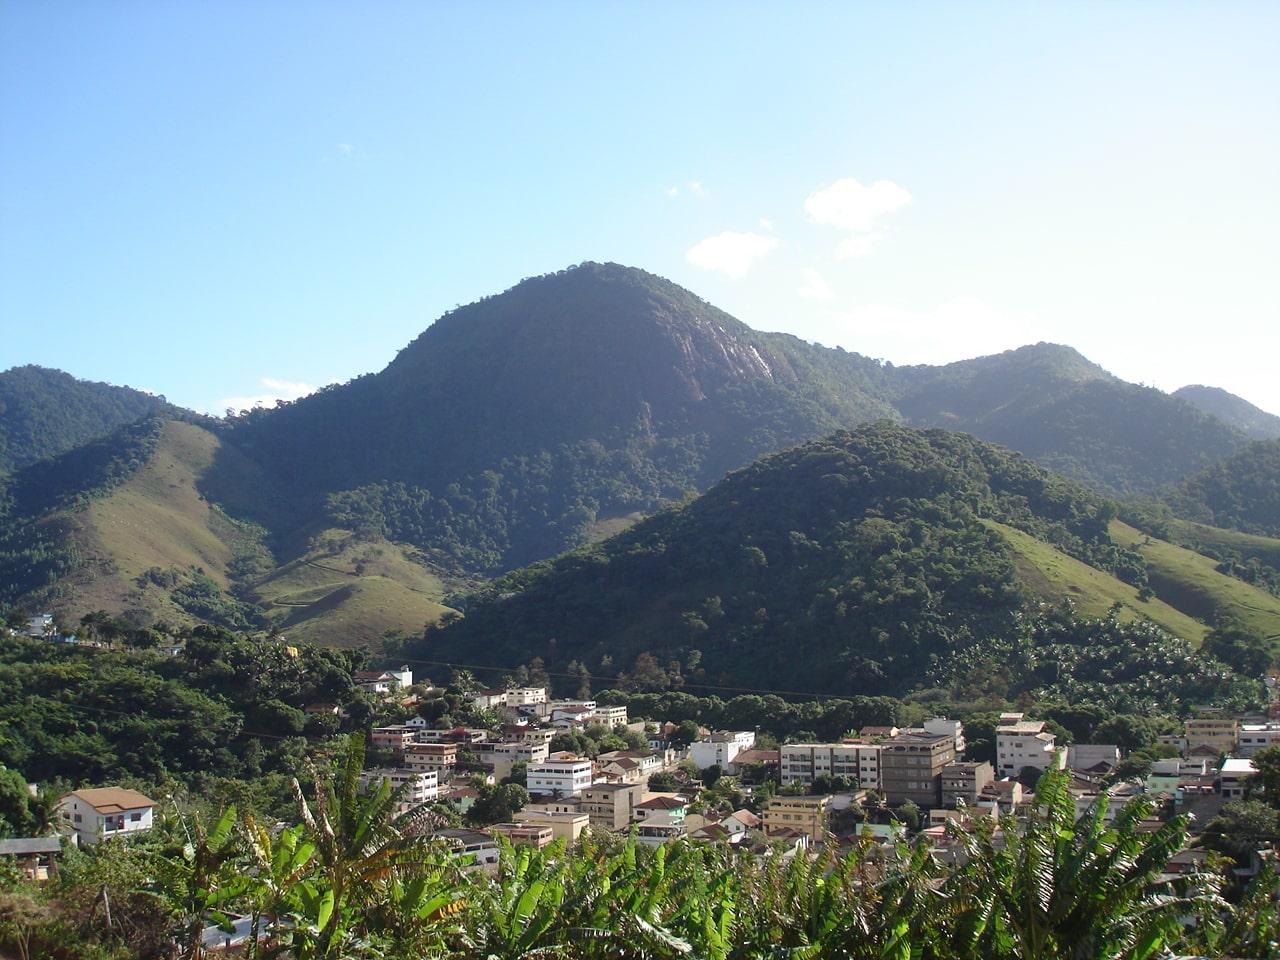 vista da cidade ao fundo pedra do Gururu